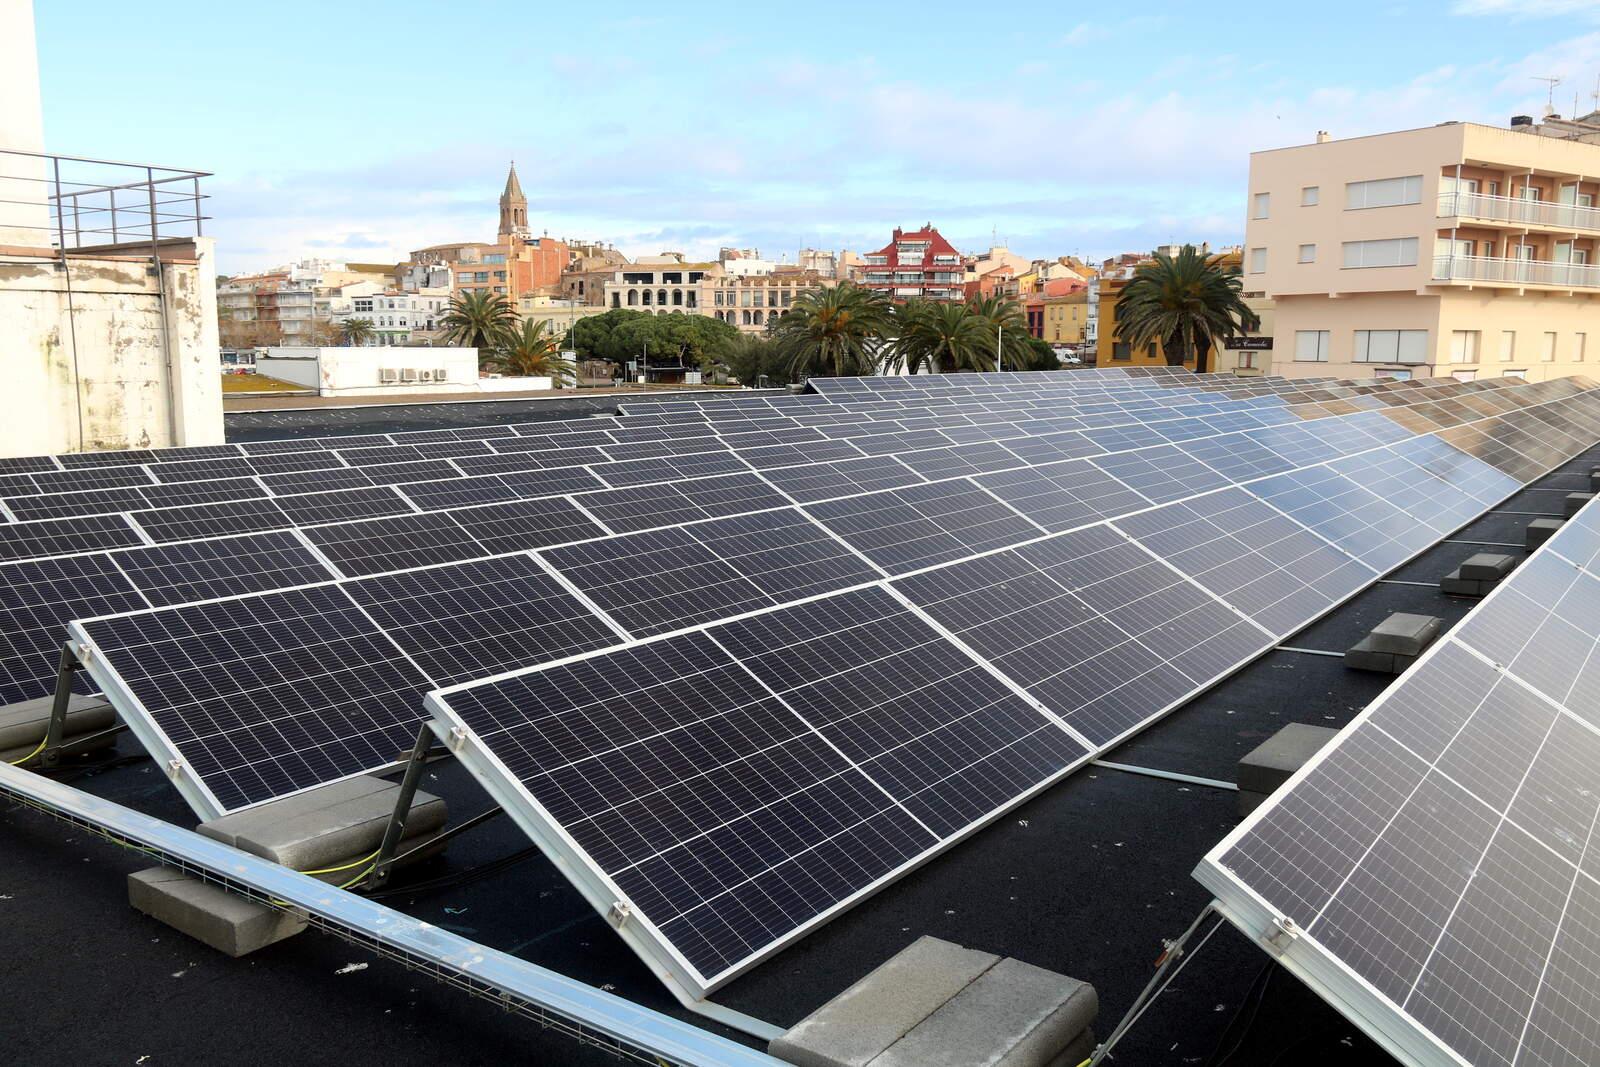 Plaques fotovoltaiques al sostre de la confraria de pescadors de Palamós